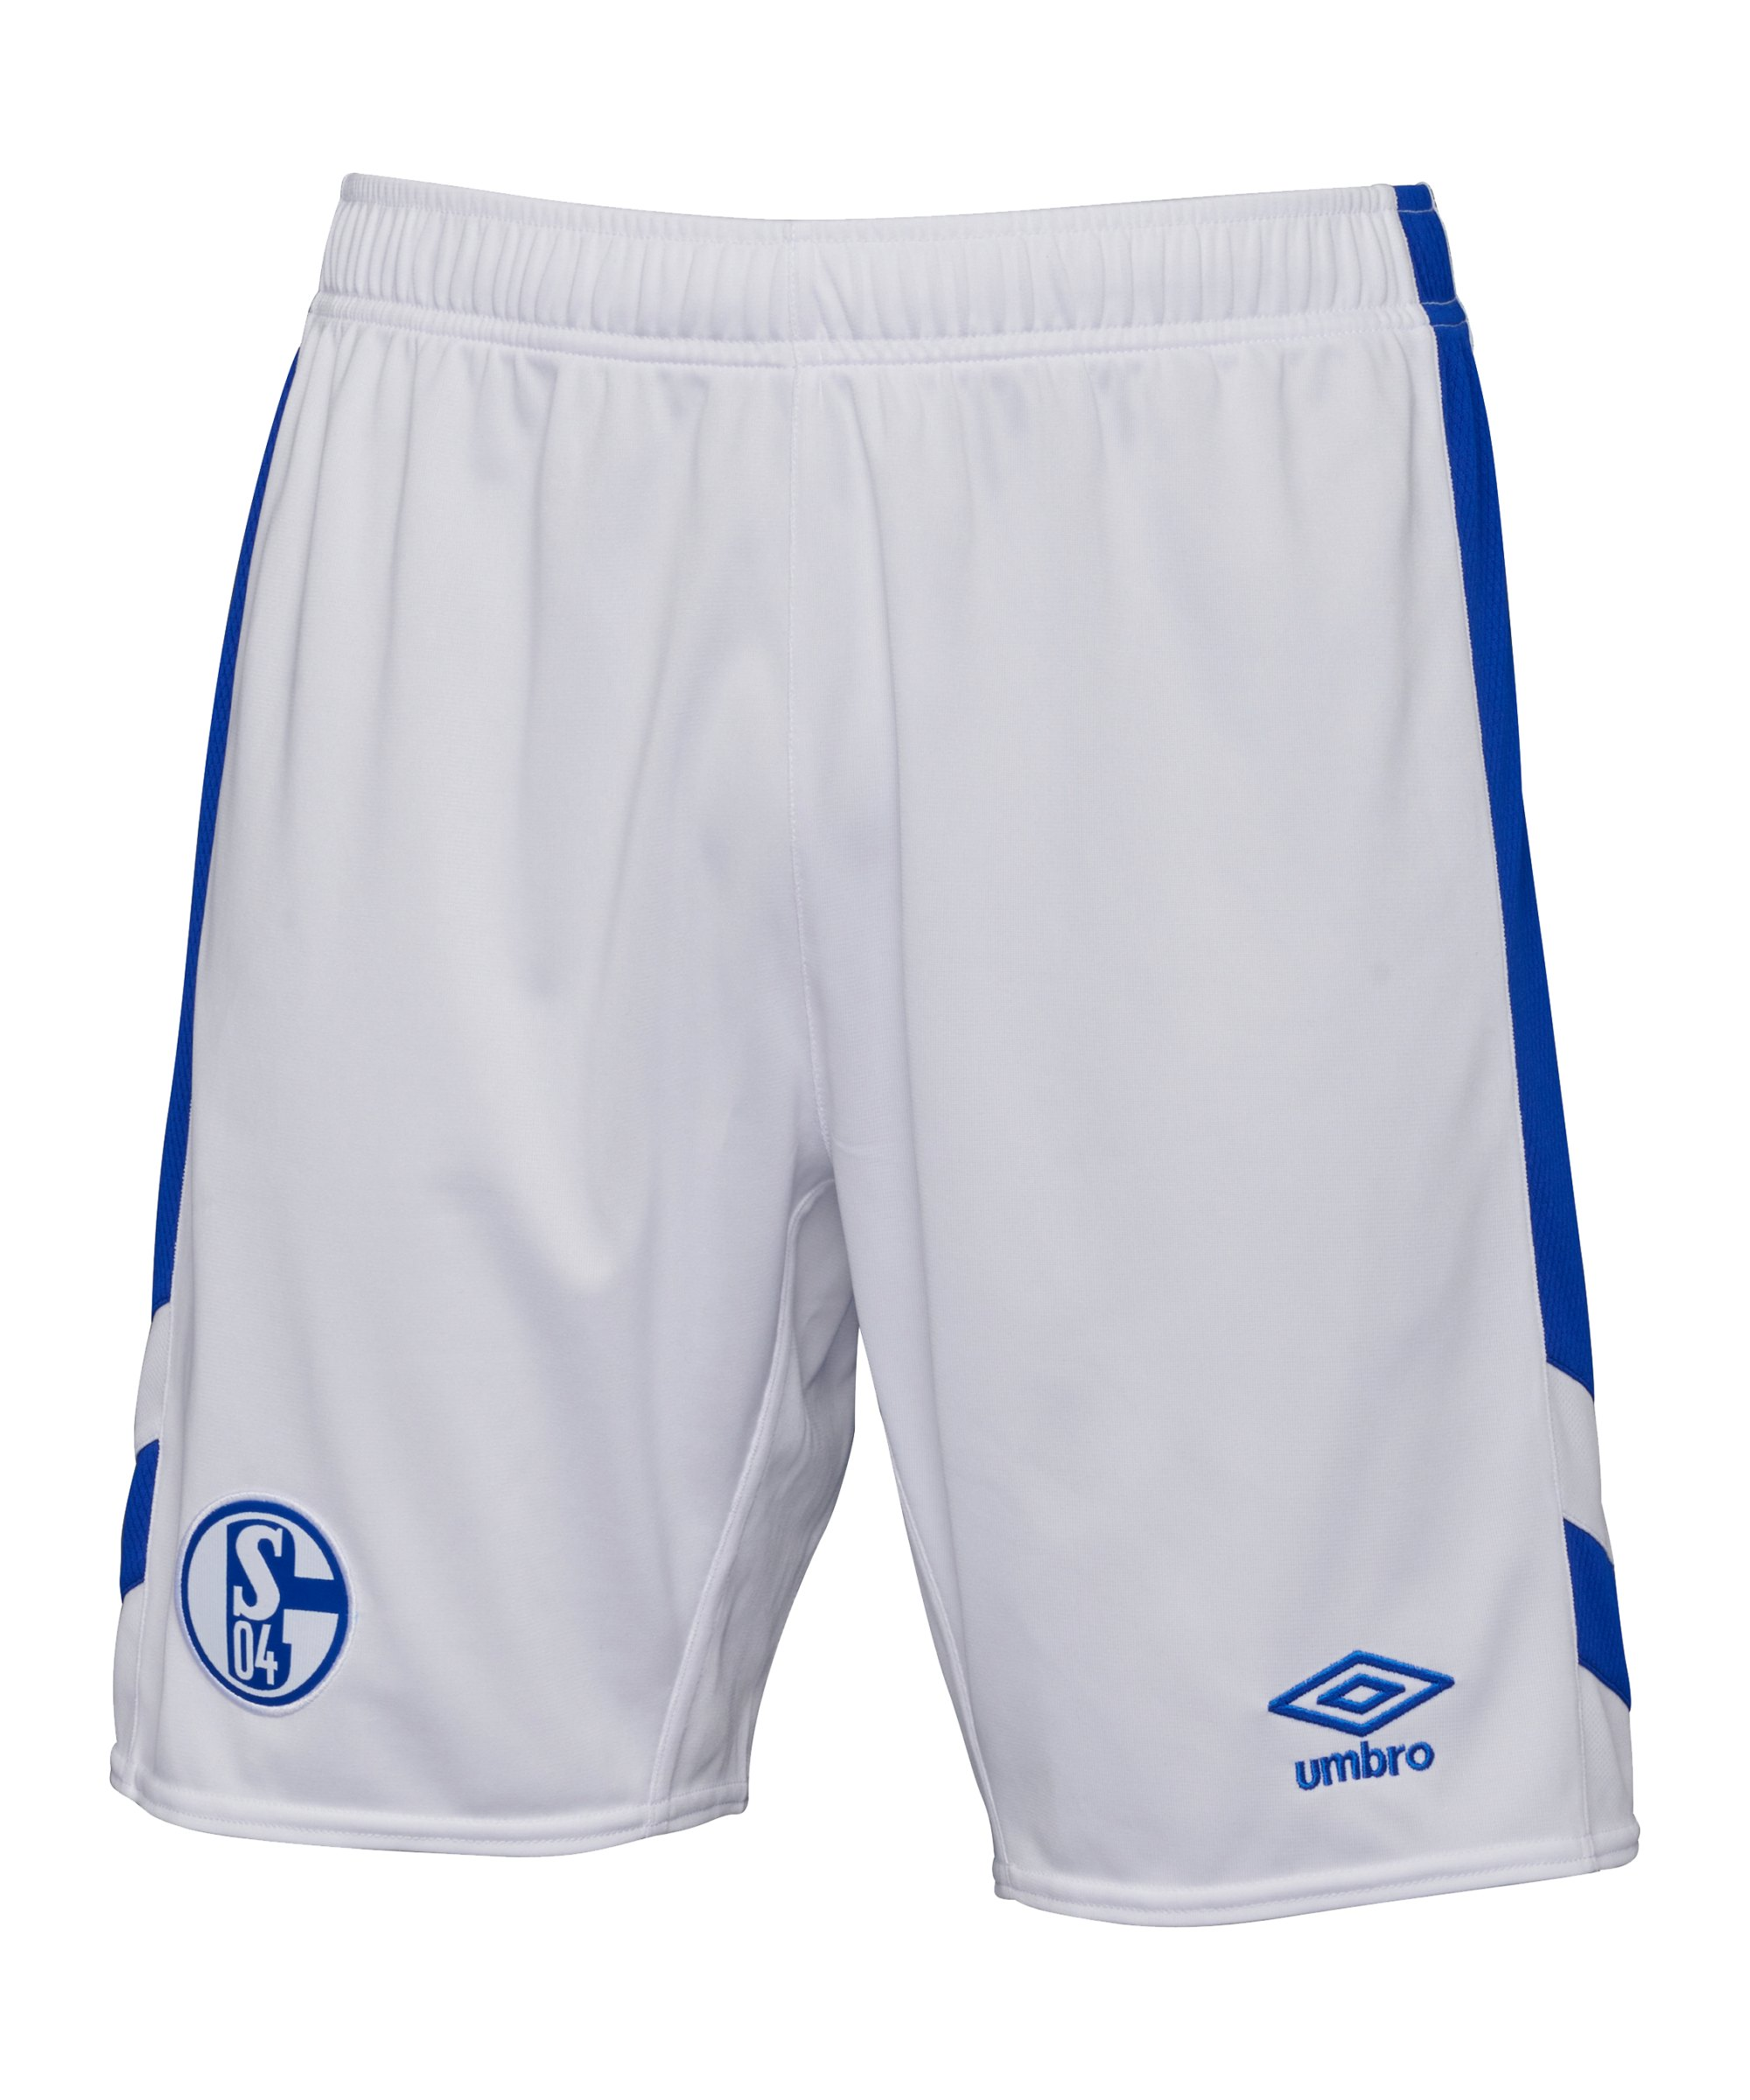 Umbro FC Schalke 04 Short Home Kids 2021/2022 Weiss - weiss